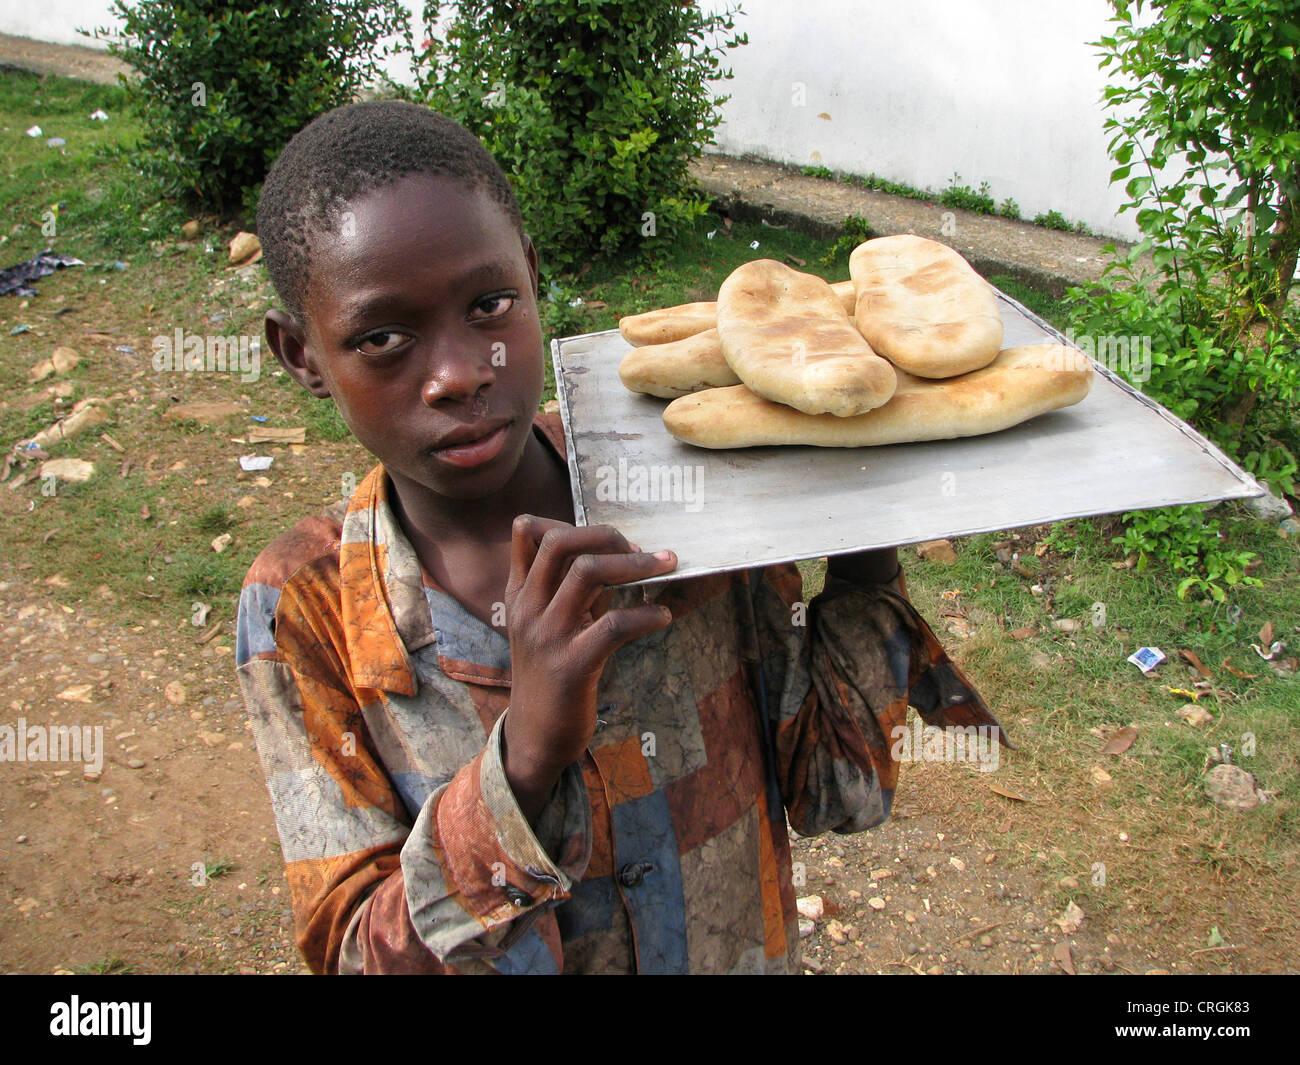 Un muchacho joven con una camisa sucia presenta frish pan en una tableta, Haití, Grande Anse, Dame Marie Imagen De Stock